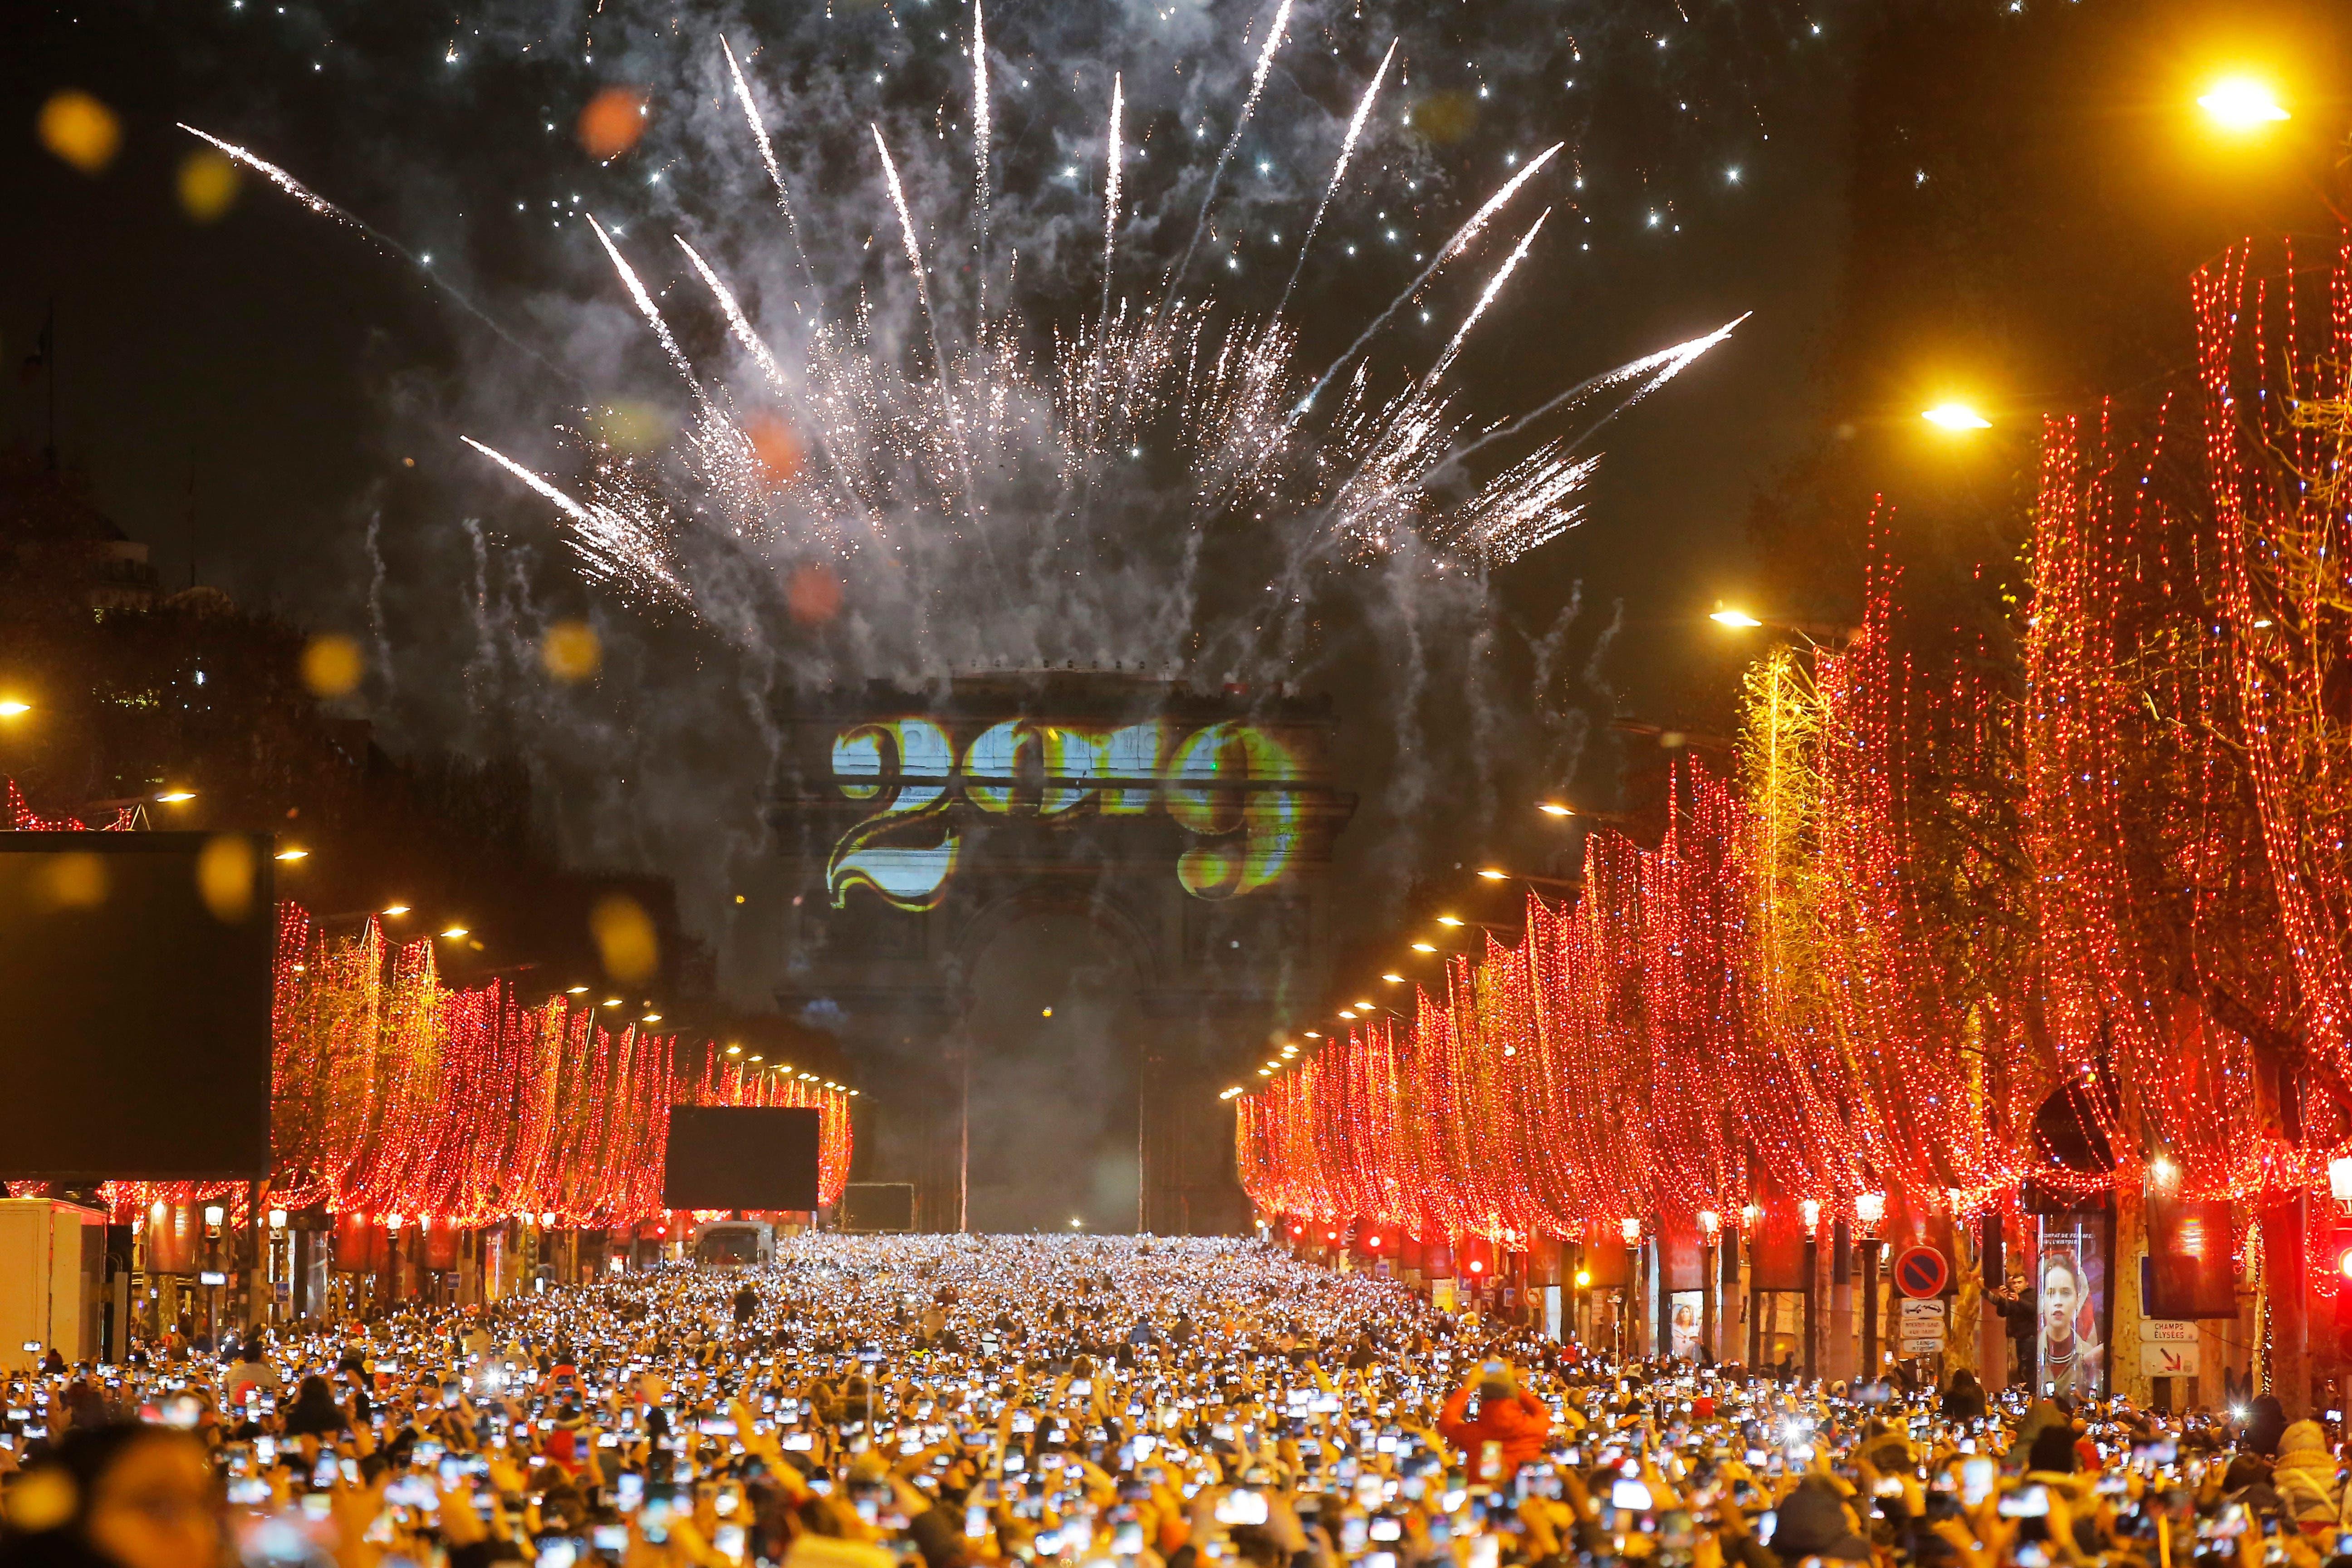 Frankreich: Der beleuchtete Triumphbogen in Paris. (Bild: AP Photo/Michel Euler)